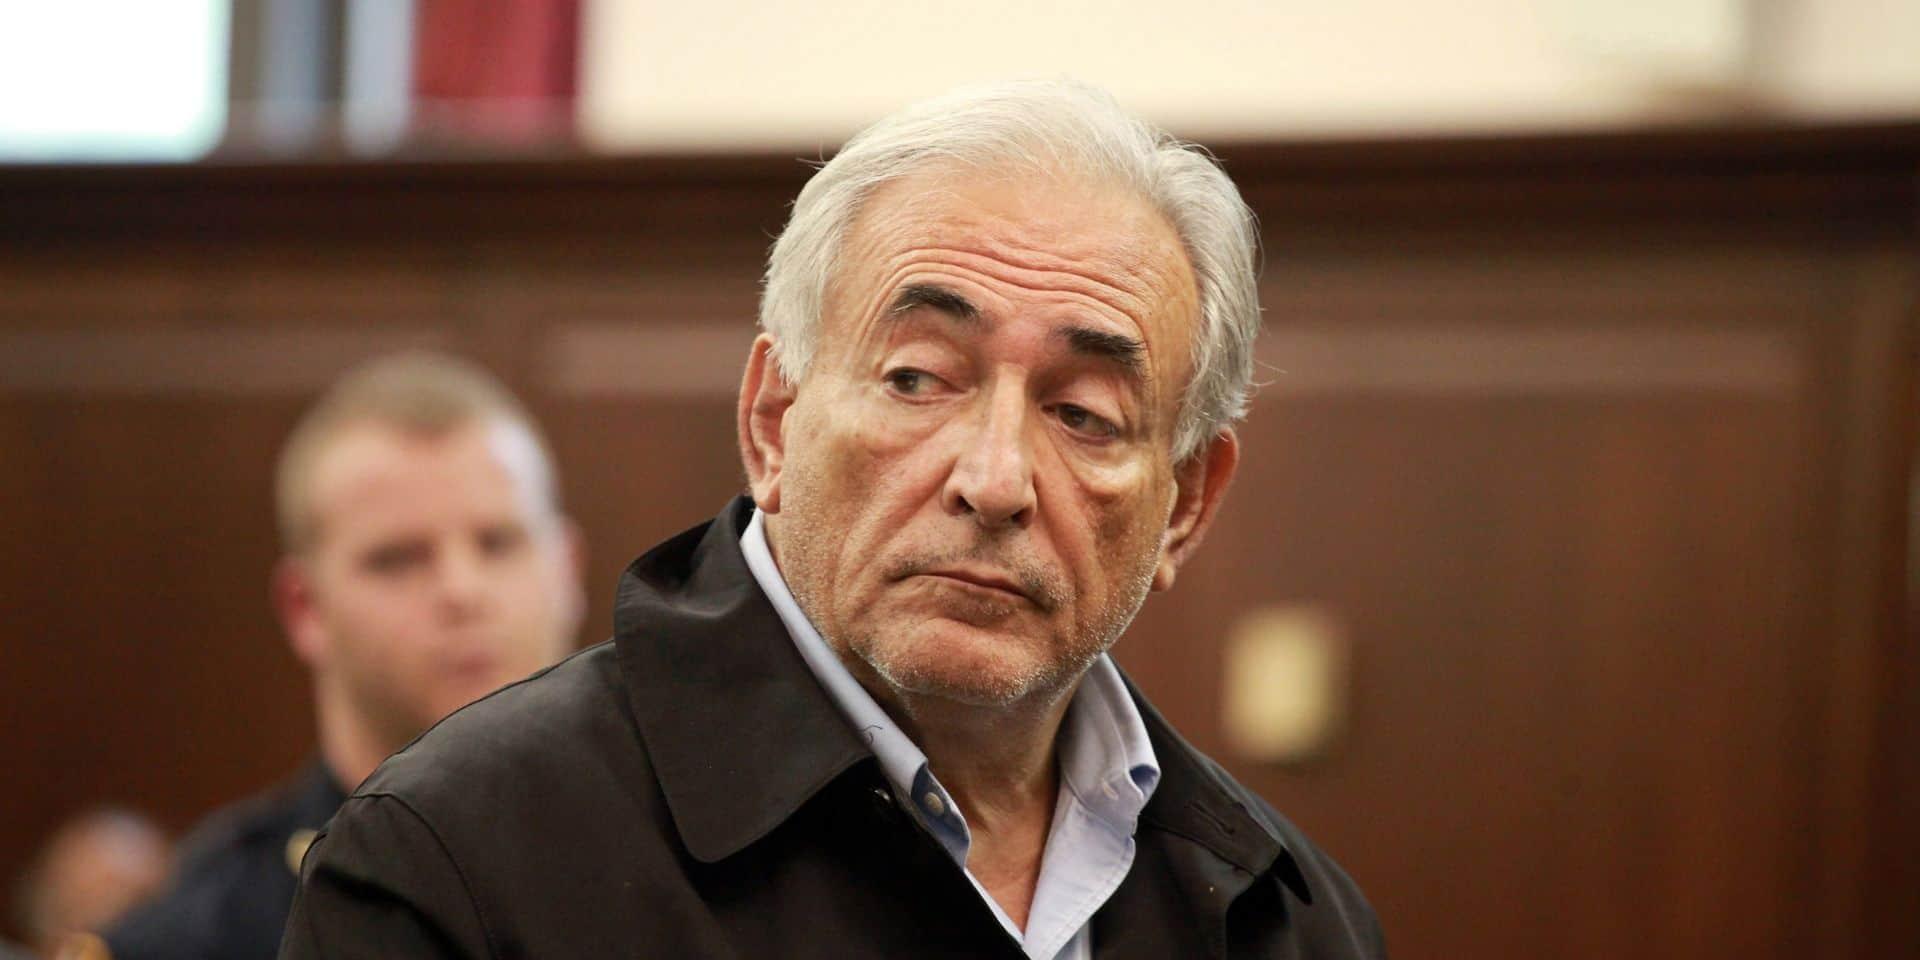 Dominique Strauss-Kahn in New York court